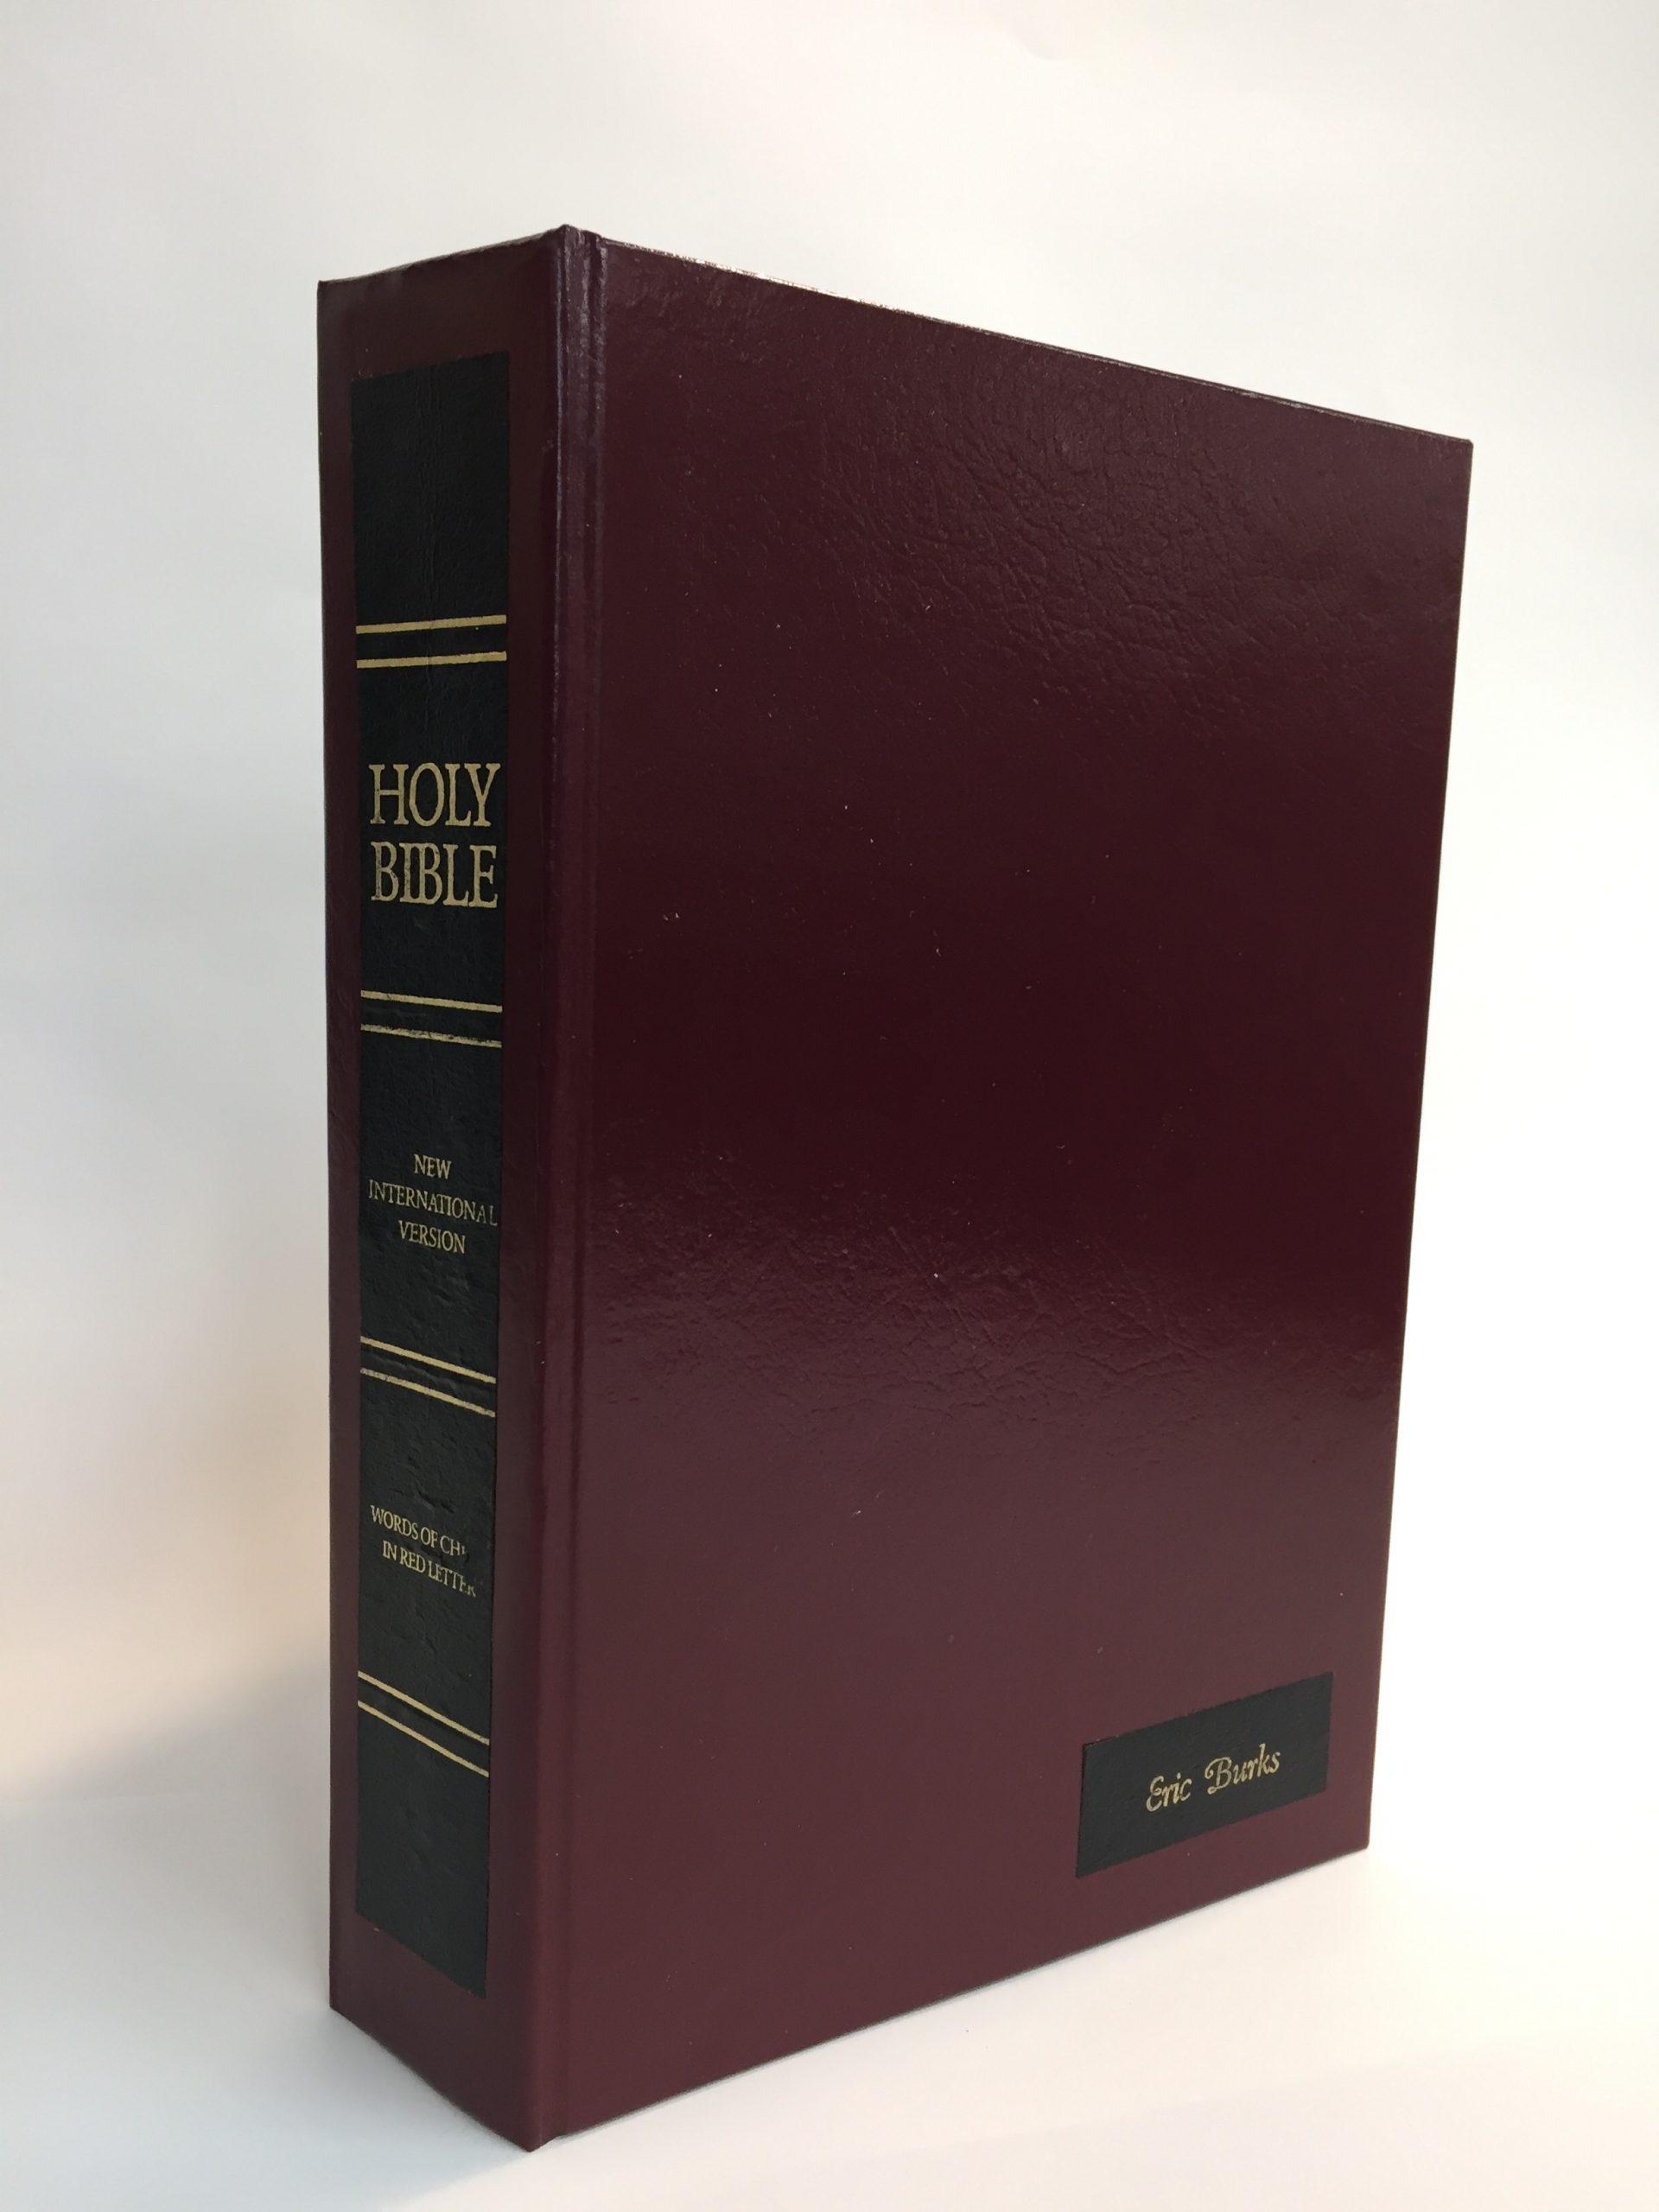 book-repair-bonded-leather-original-titling